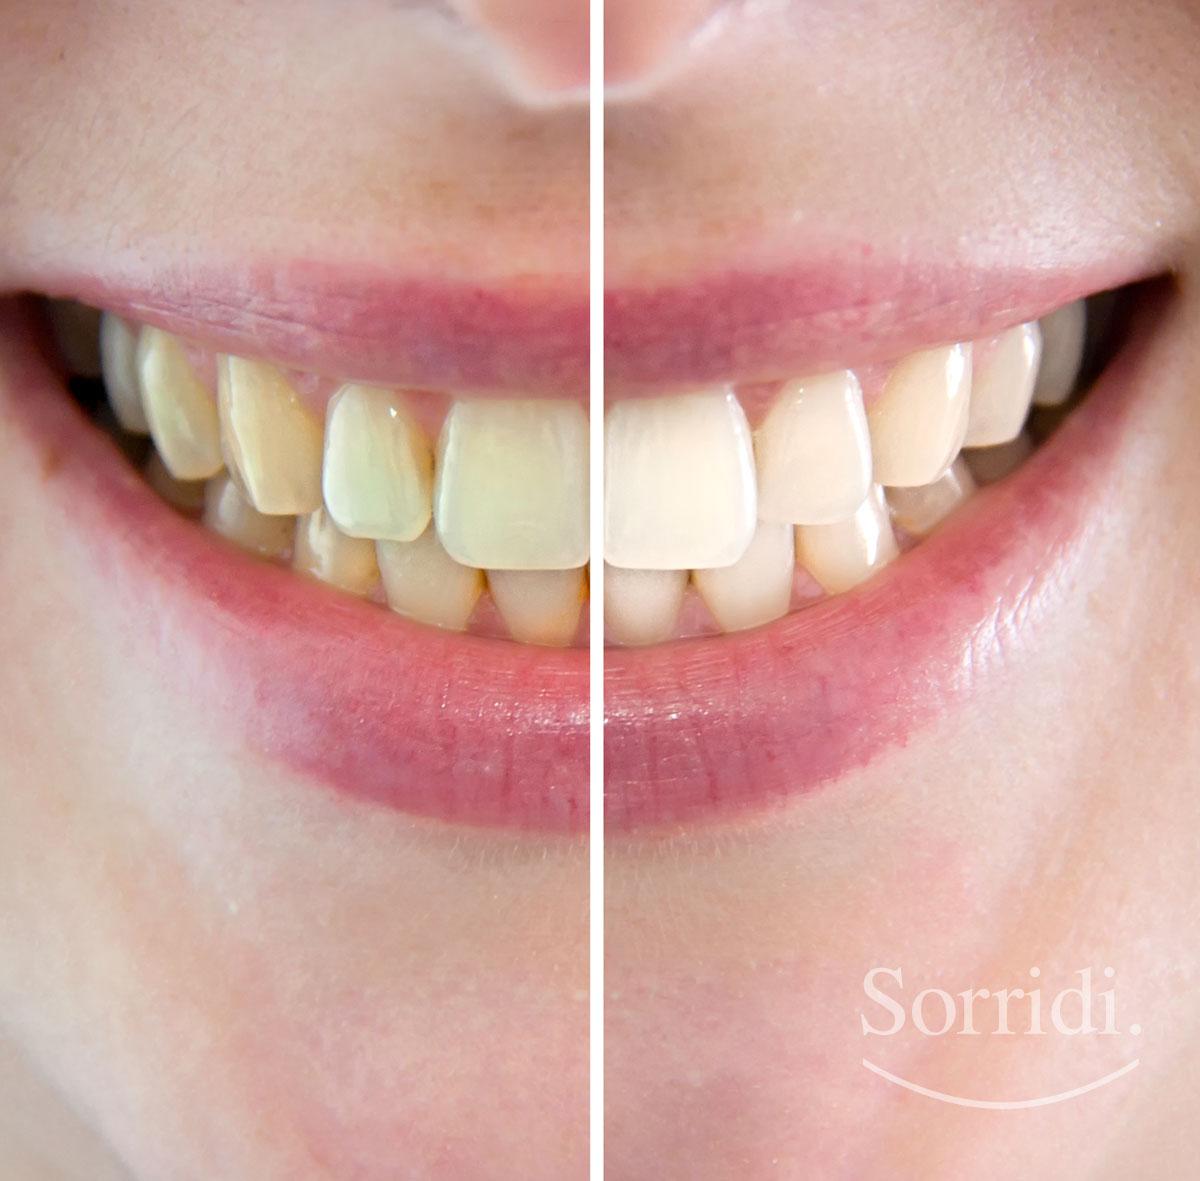 sorridi-ch-magazine-dentista-locarno-sbiancamento-denti